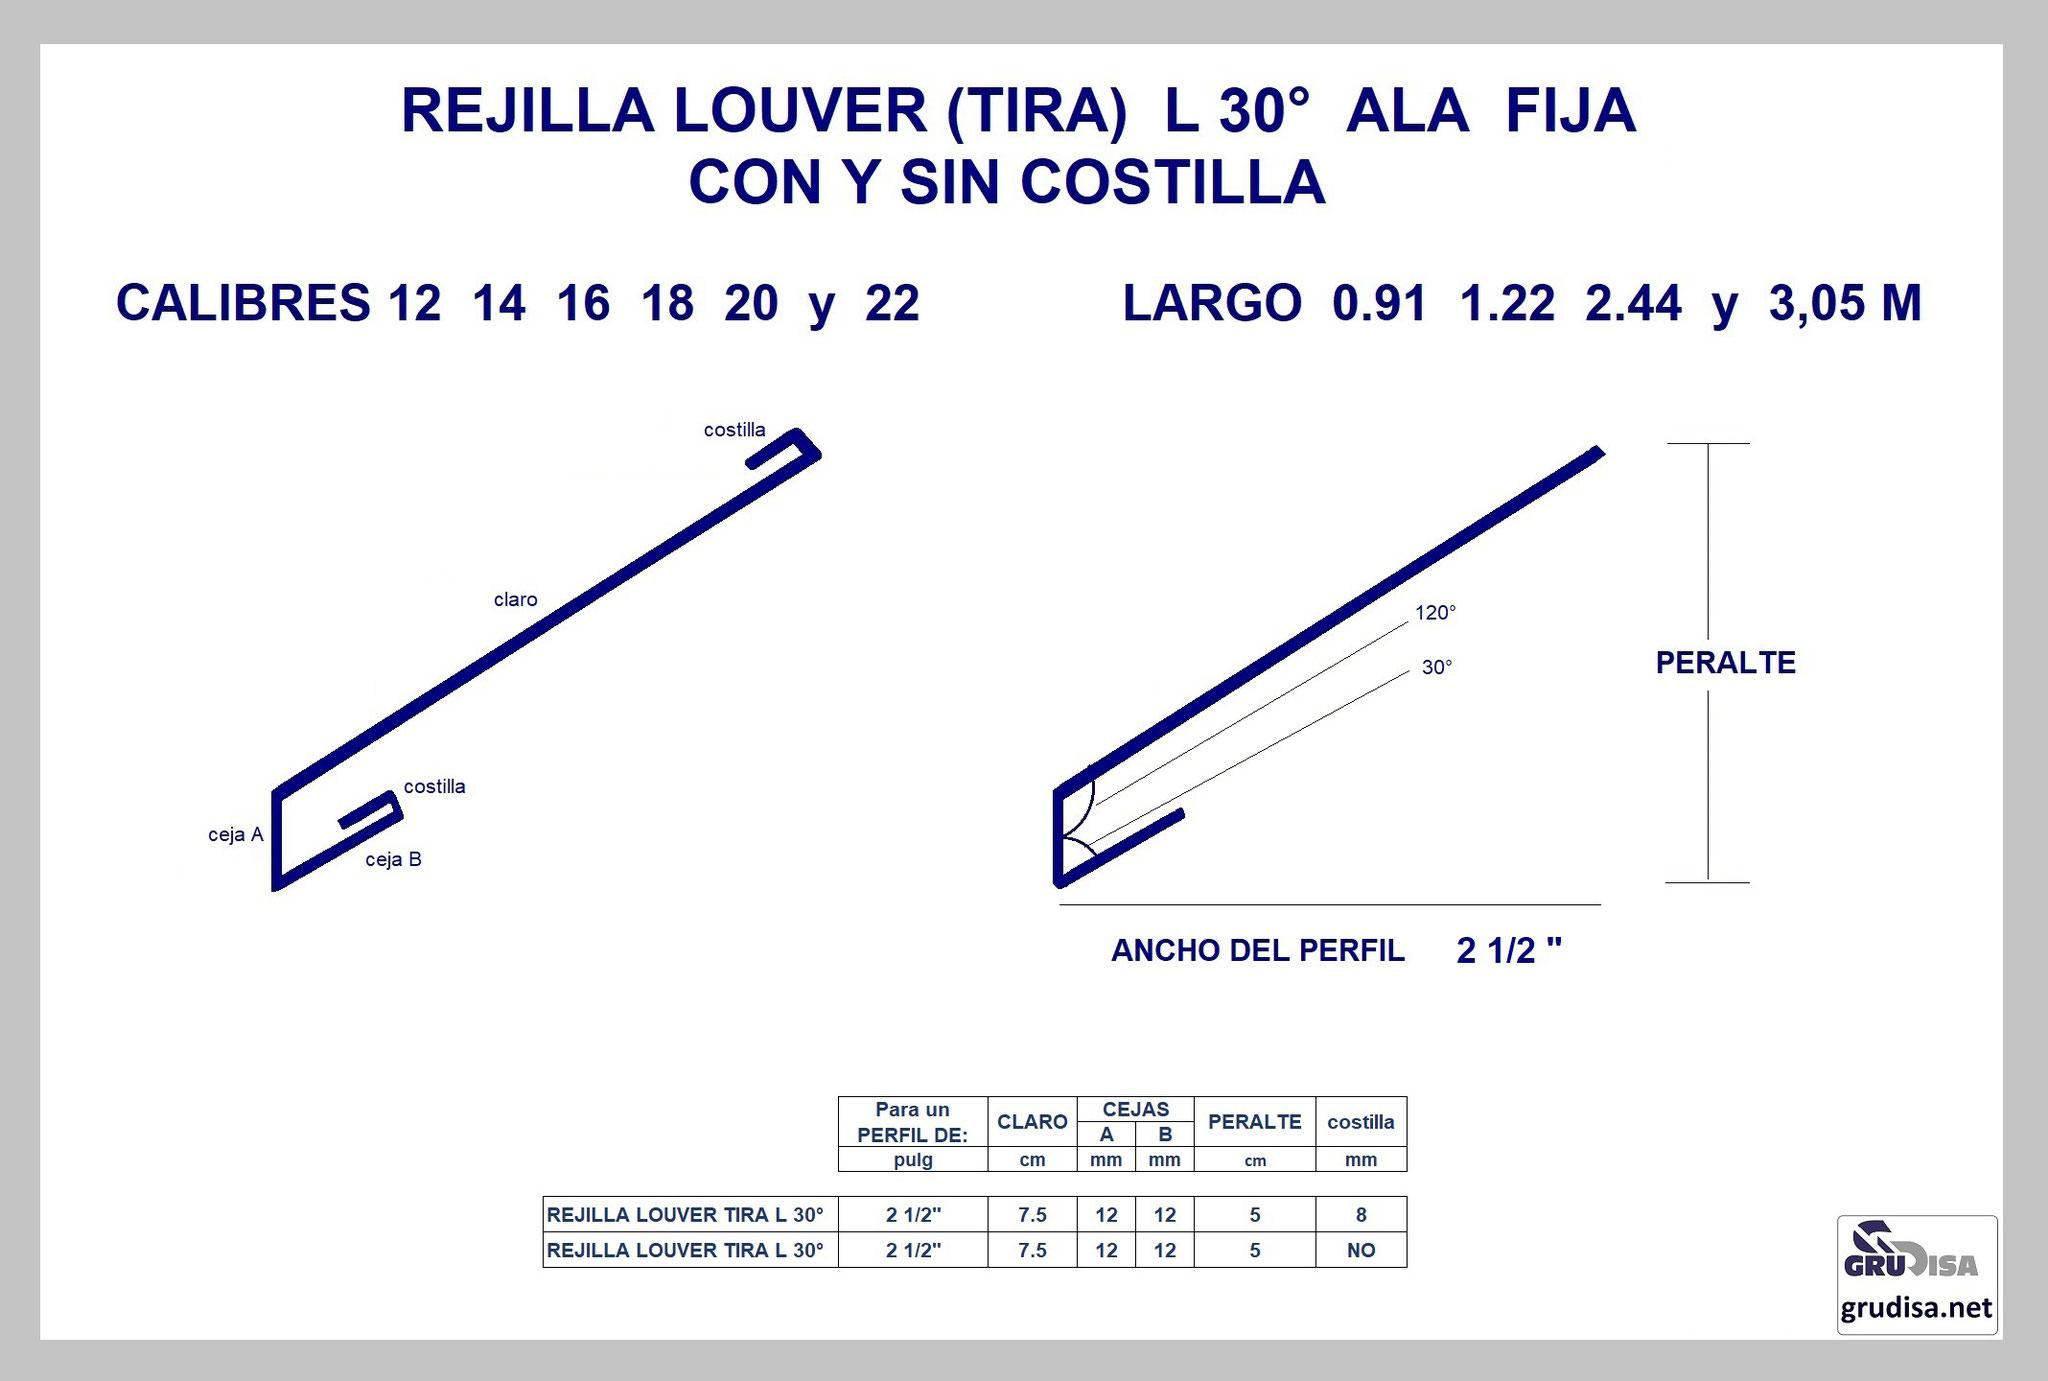 """REJILLA LOUVER (TIRA) L 30° Para PERFIL de 2 1/2"""" CON y SIN COSTILLA"""